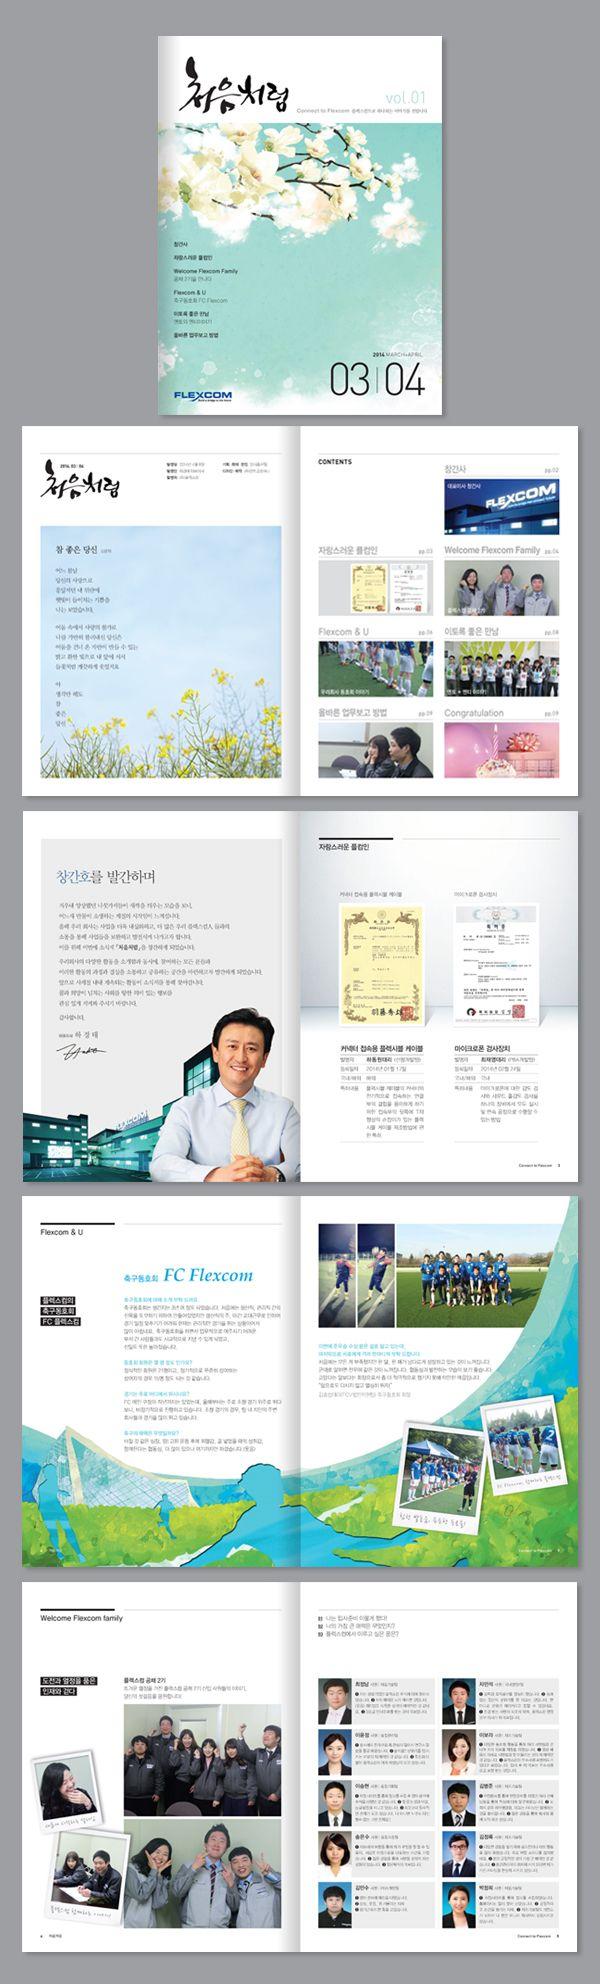 Flexcom house organ 03/04 플렉스컴 사외보 03/04   디자인스튜디오 인트로 편집디자인, 사보, 사보디자인…